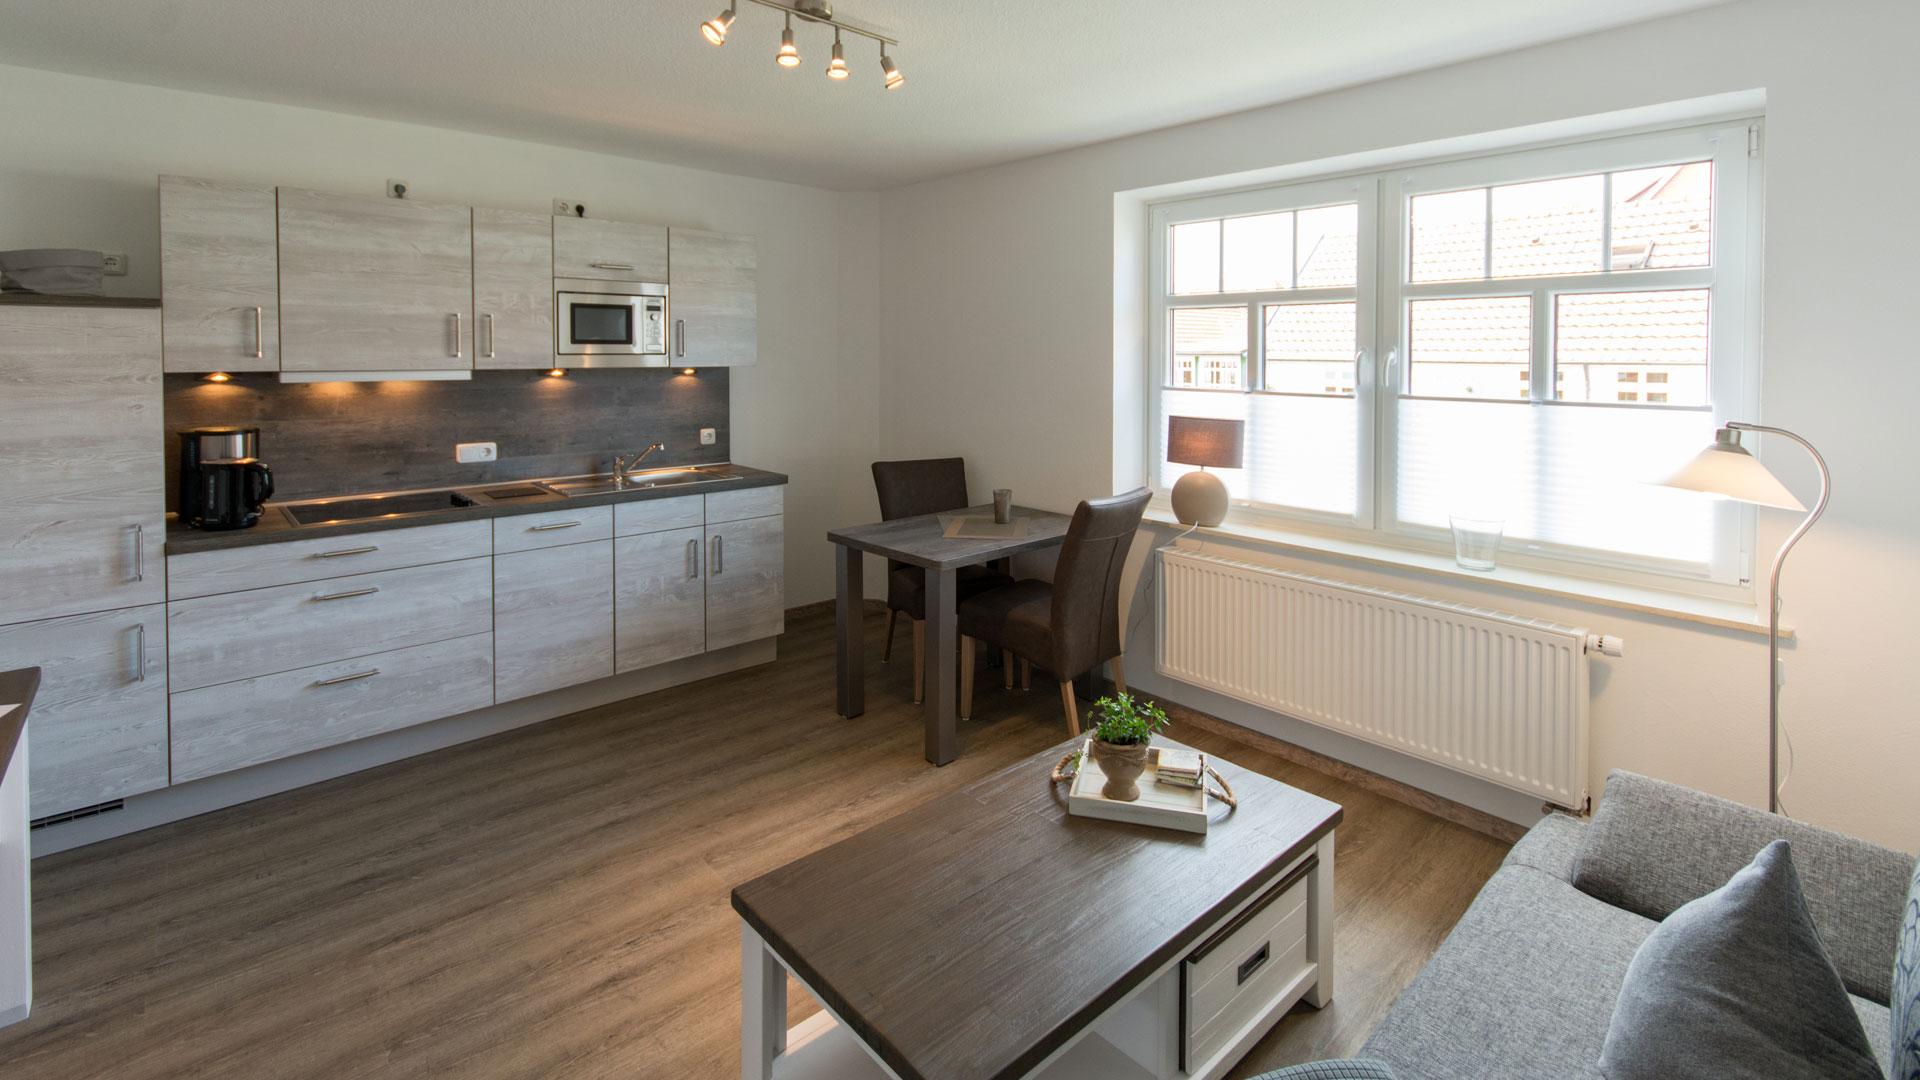 Wohnraum mit Esstisch und Küchenzeile